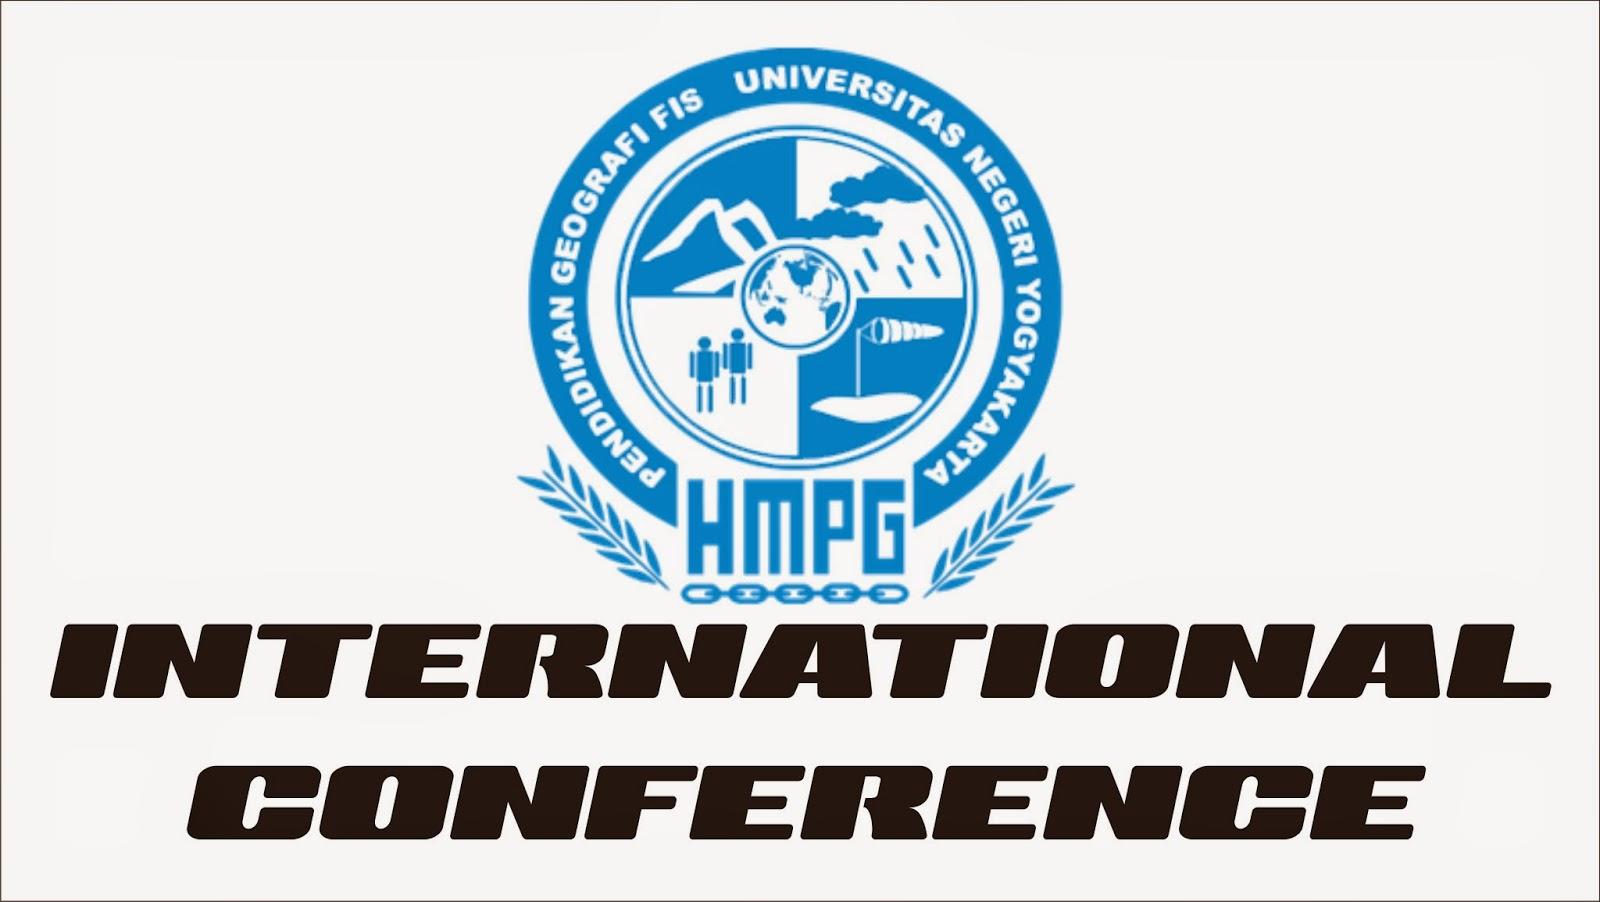 Daftar Nama Panitia Konferensi Internasional